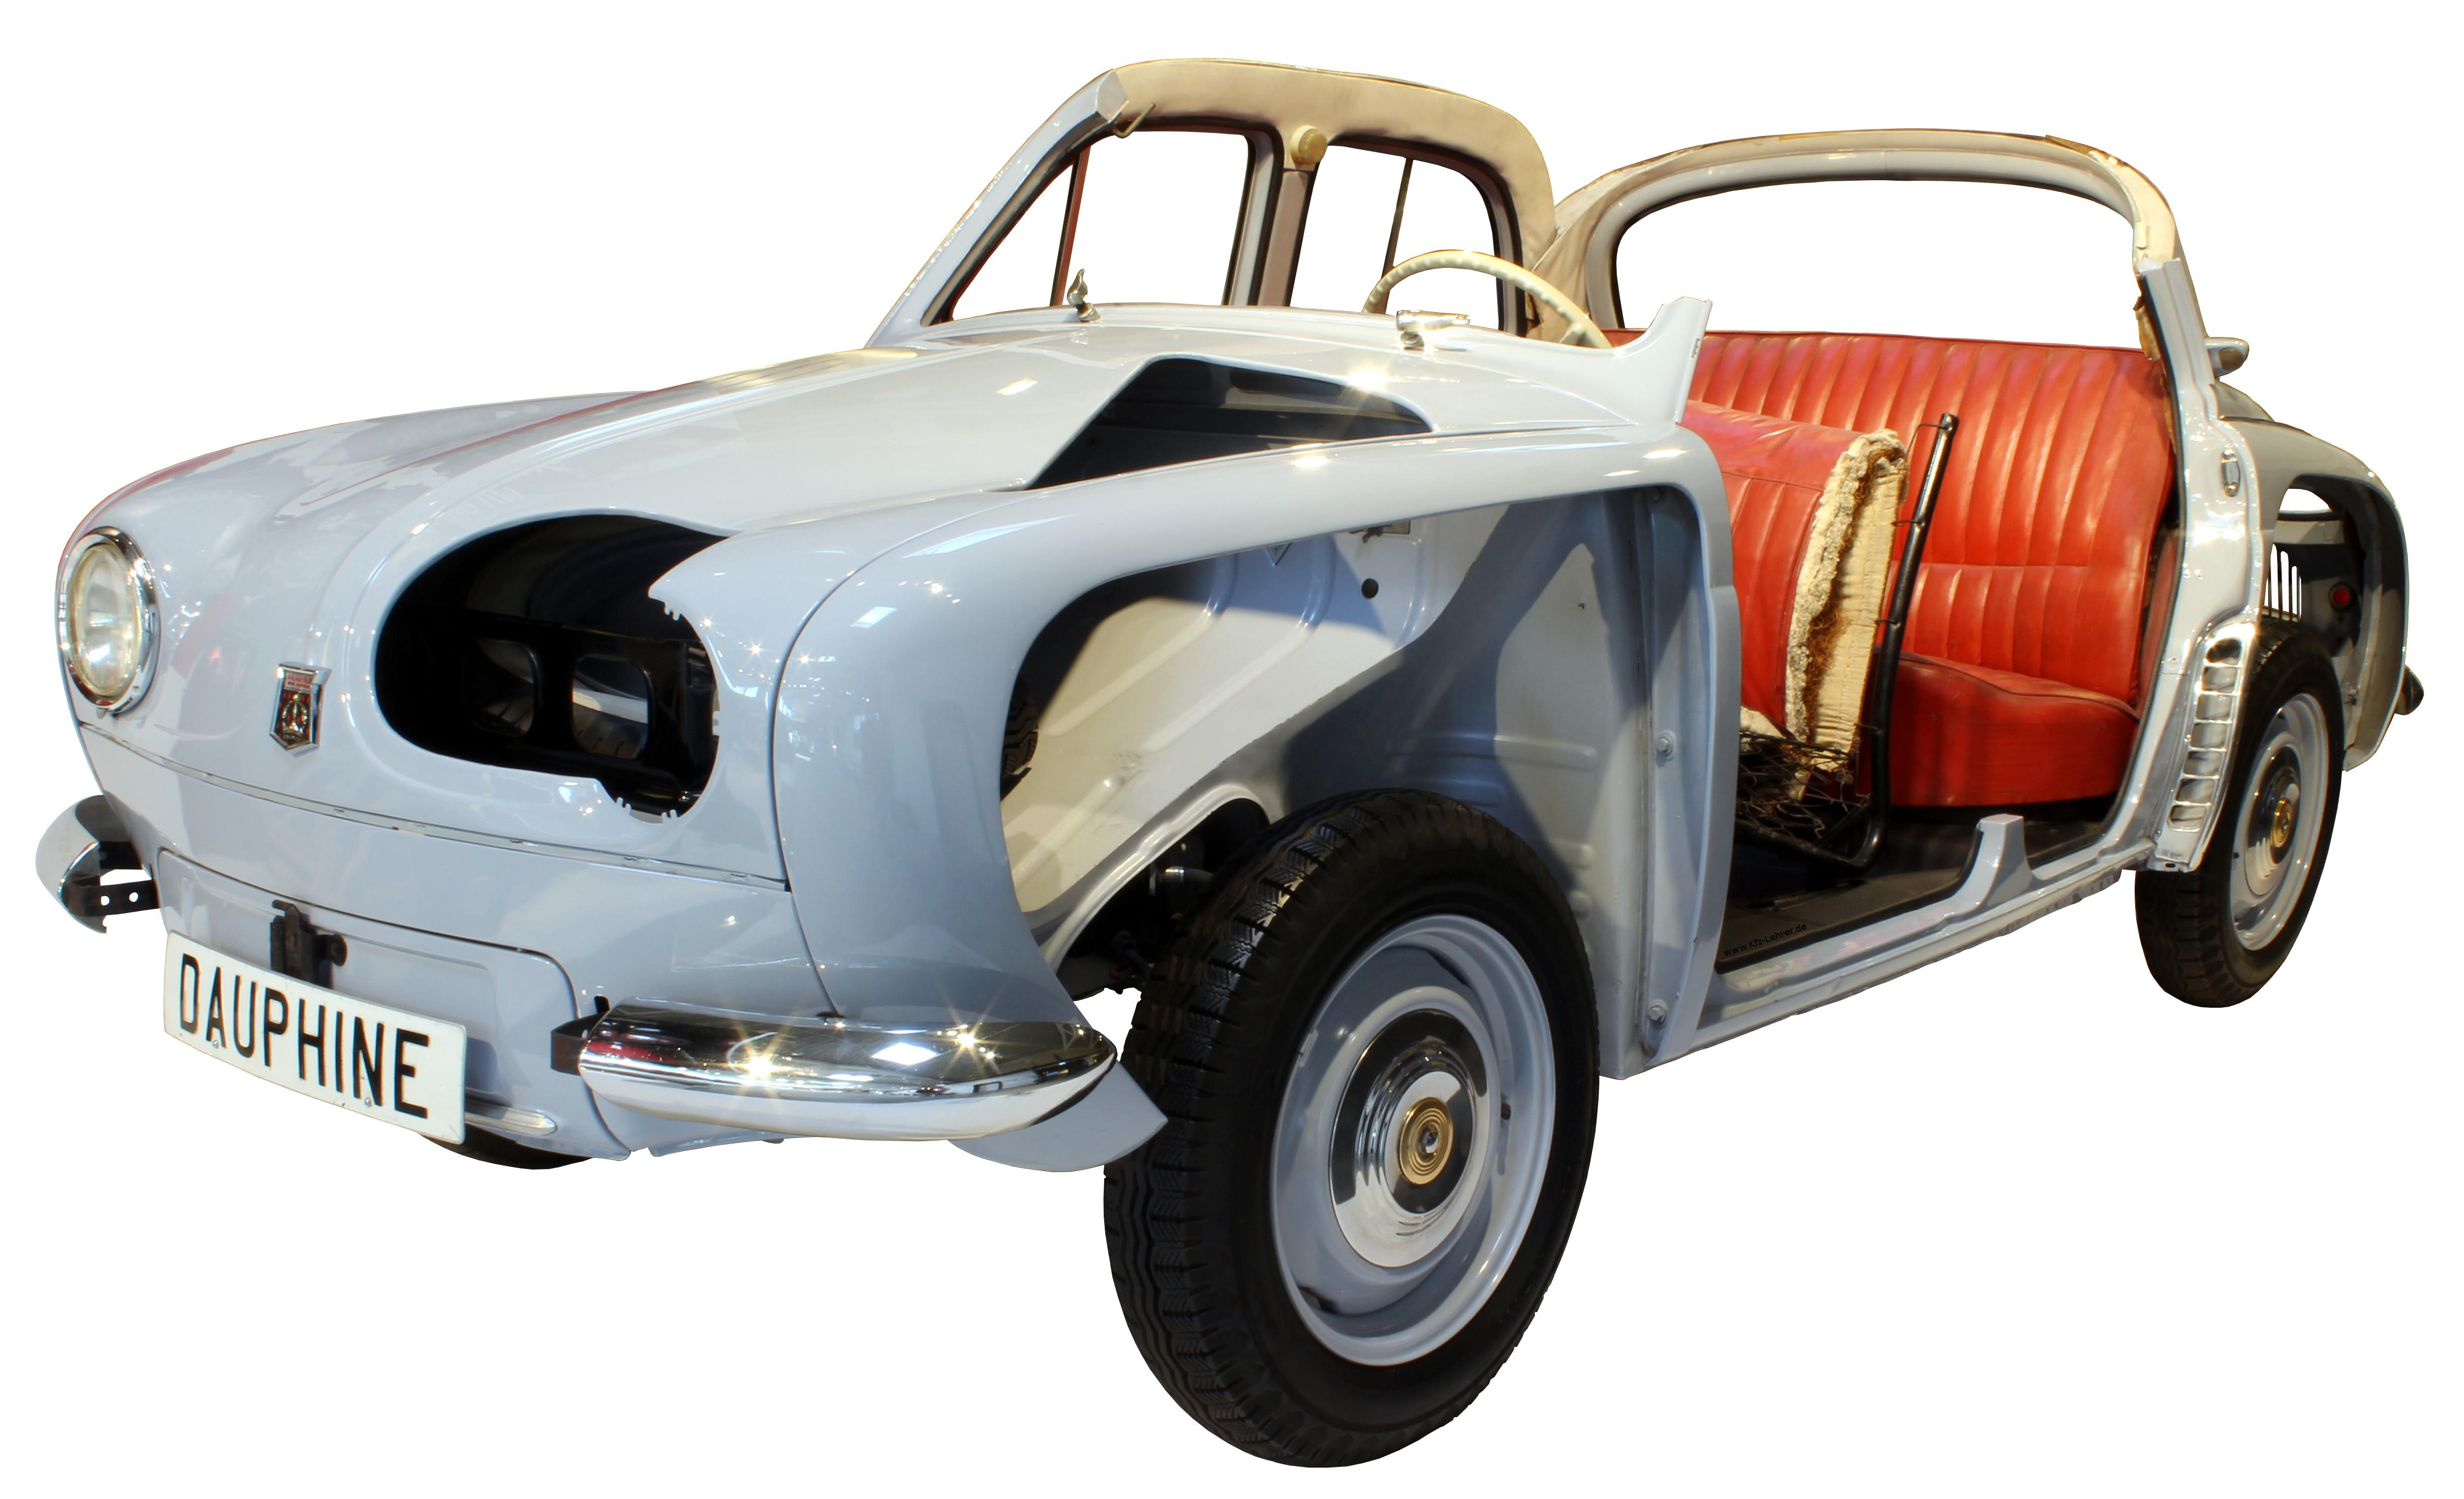 Blick von schräg vorne auf das Schnittmodell der Renault Dauphine